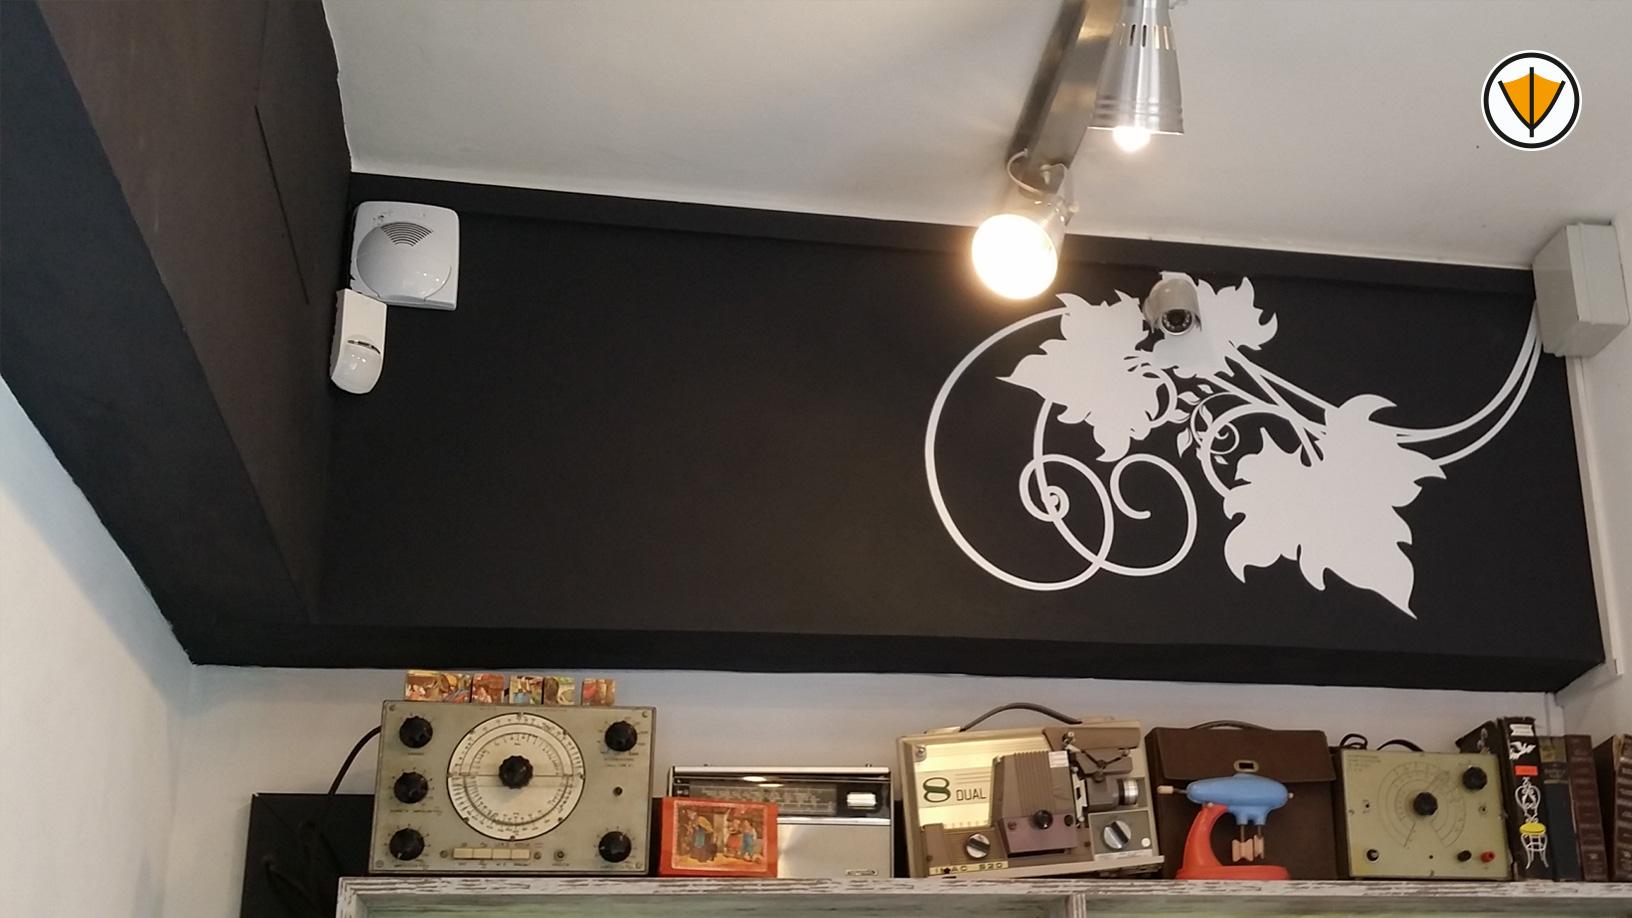 Decori murali adesivi per il bar 7° Gusto in Roma - Dopo